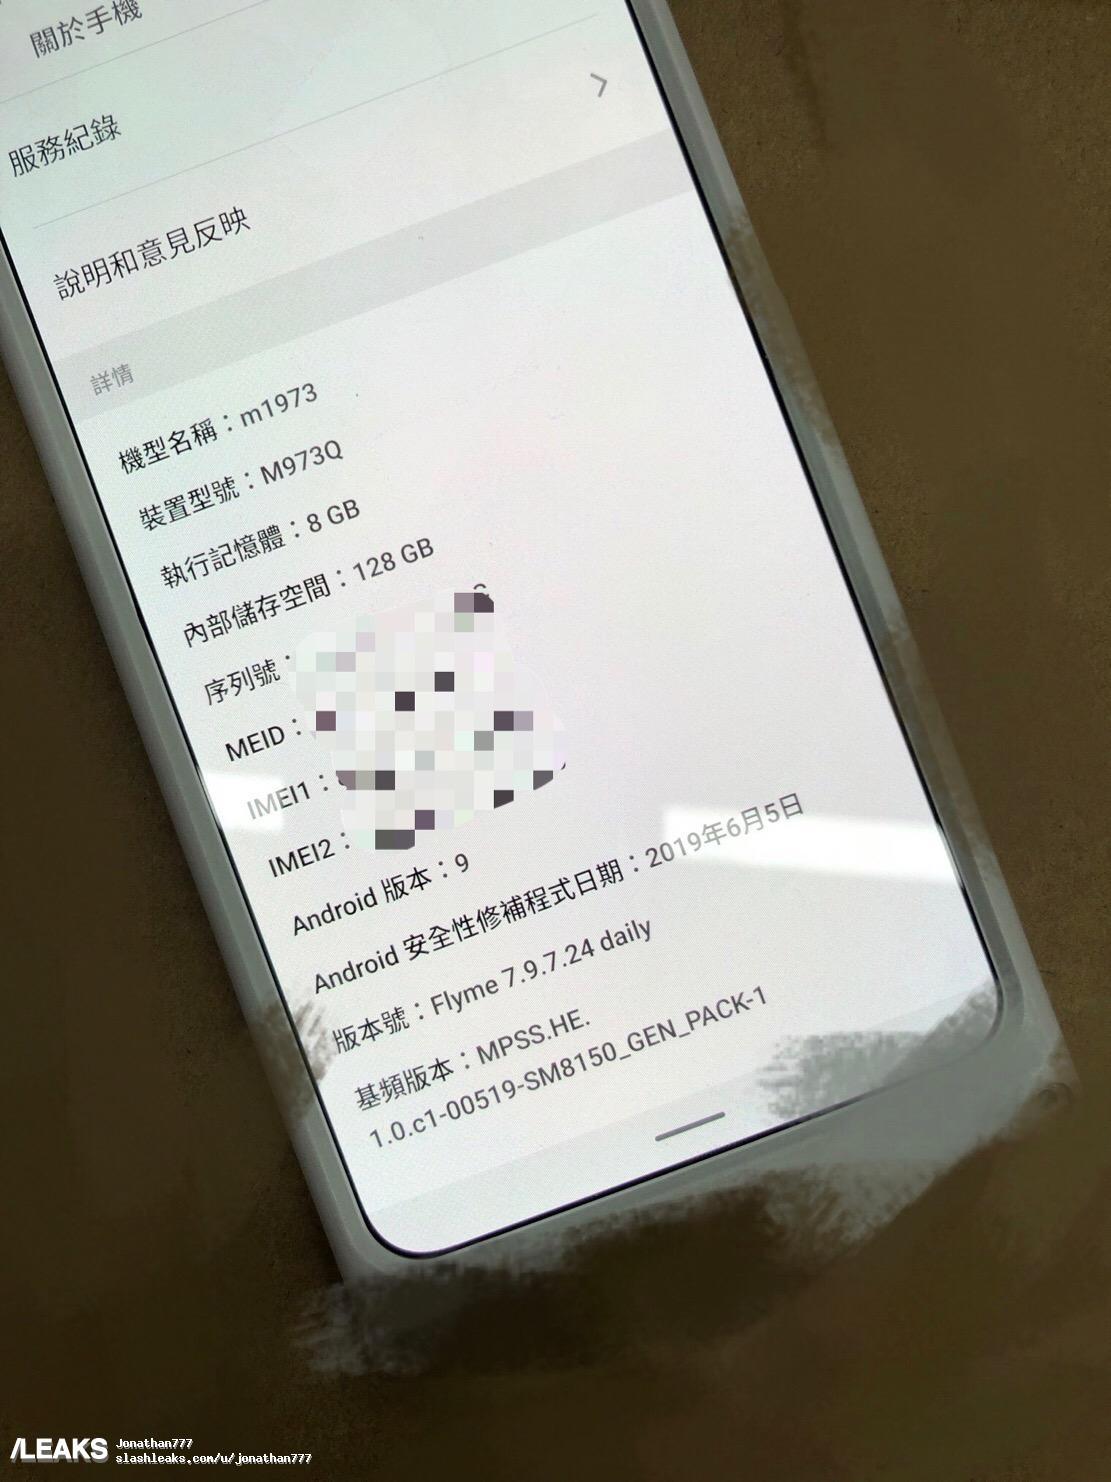 疑似魅族16s Pro真机曝光:非曲面屏 运行Flyme 7